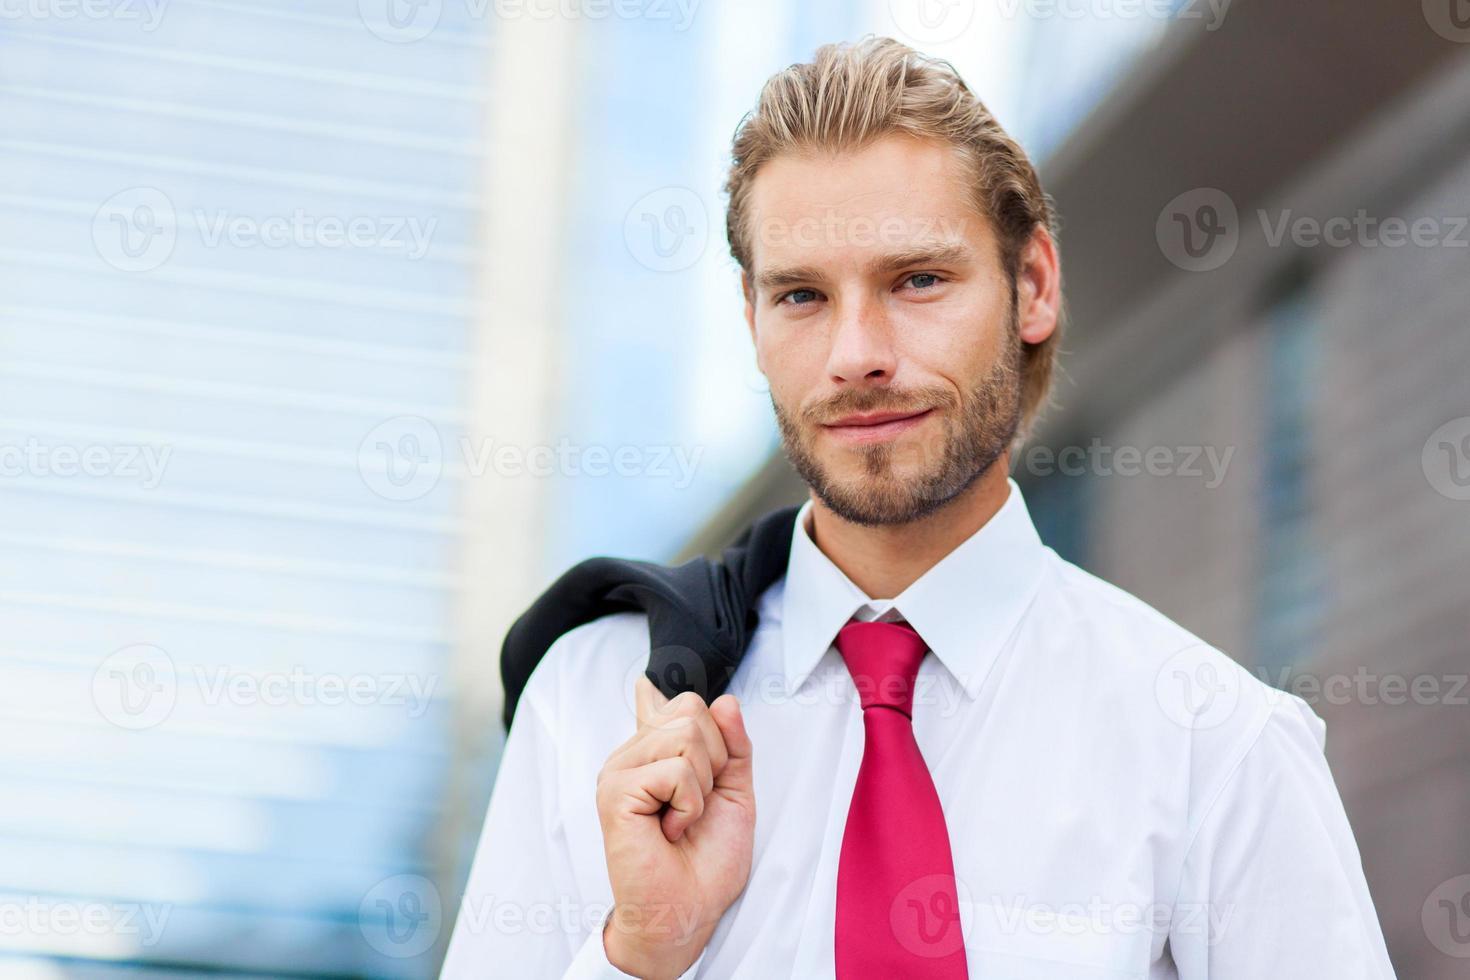 nordischer gutaussehender Geschäftsmann foto